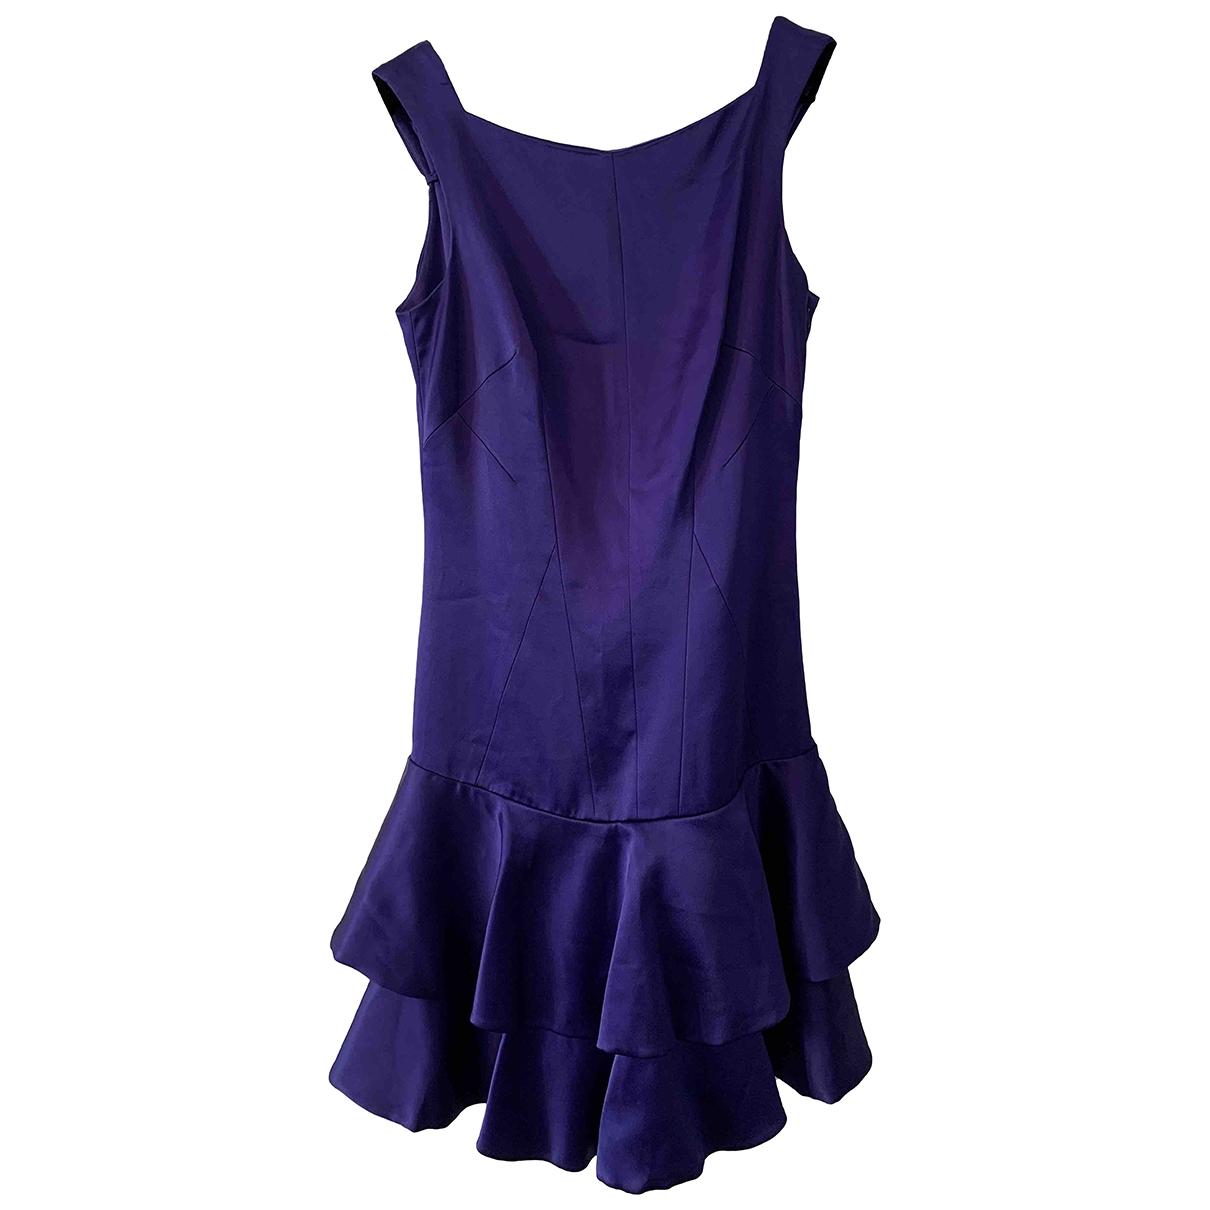 Karen Millen \N Kleid in  Lila Polyester